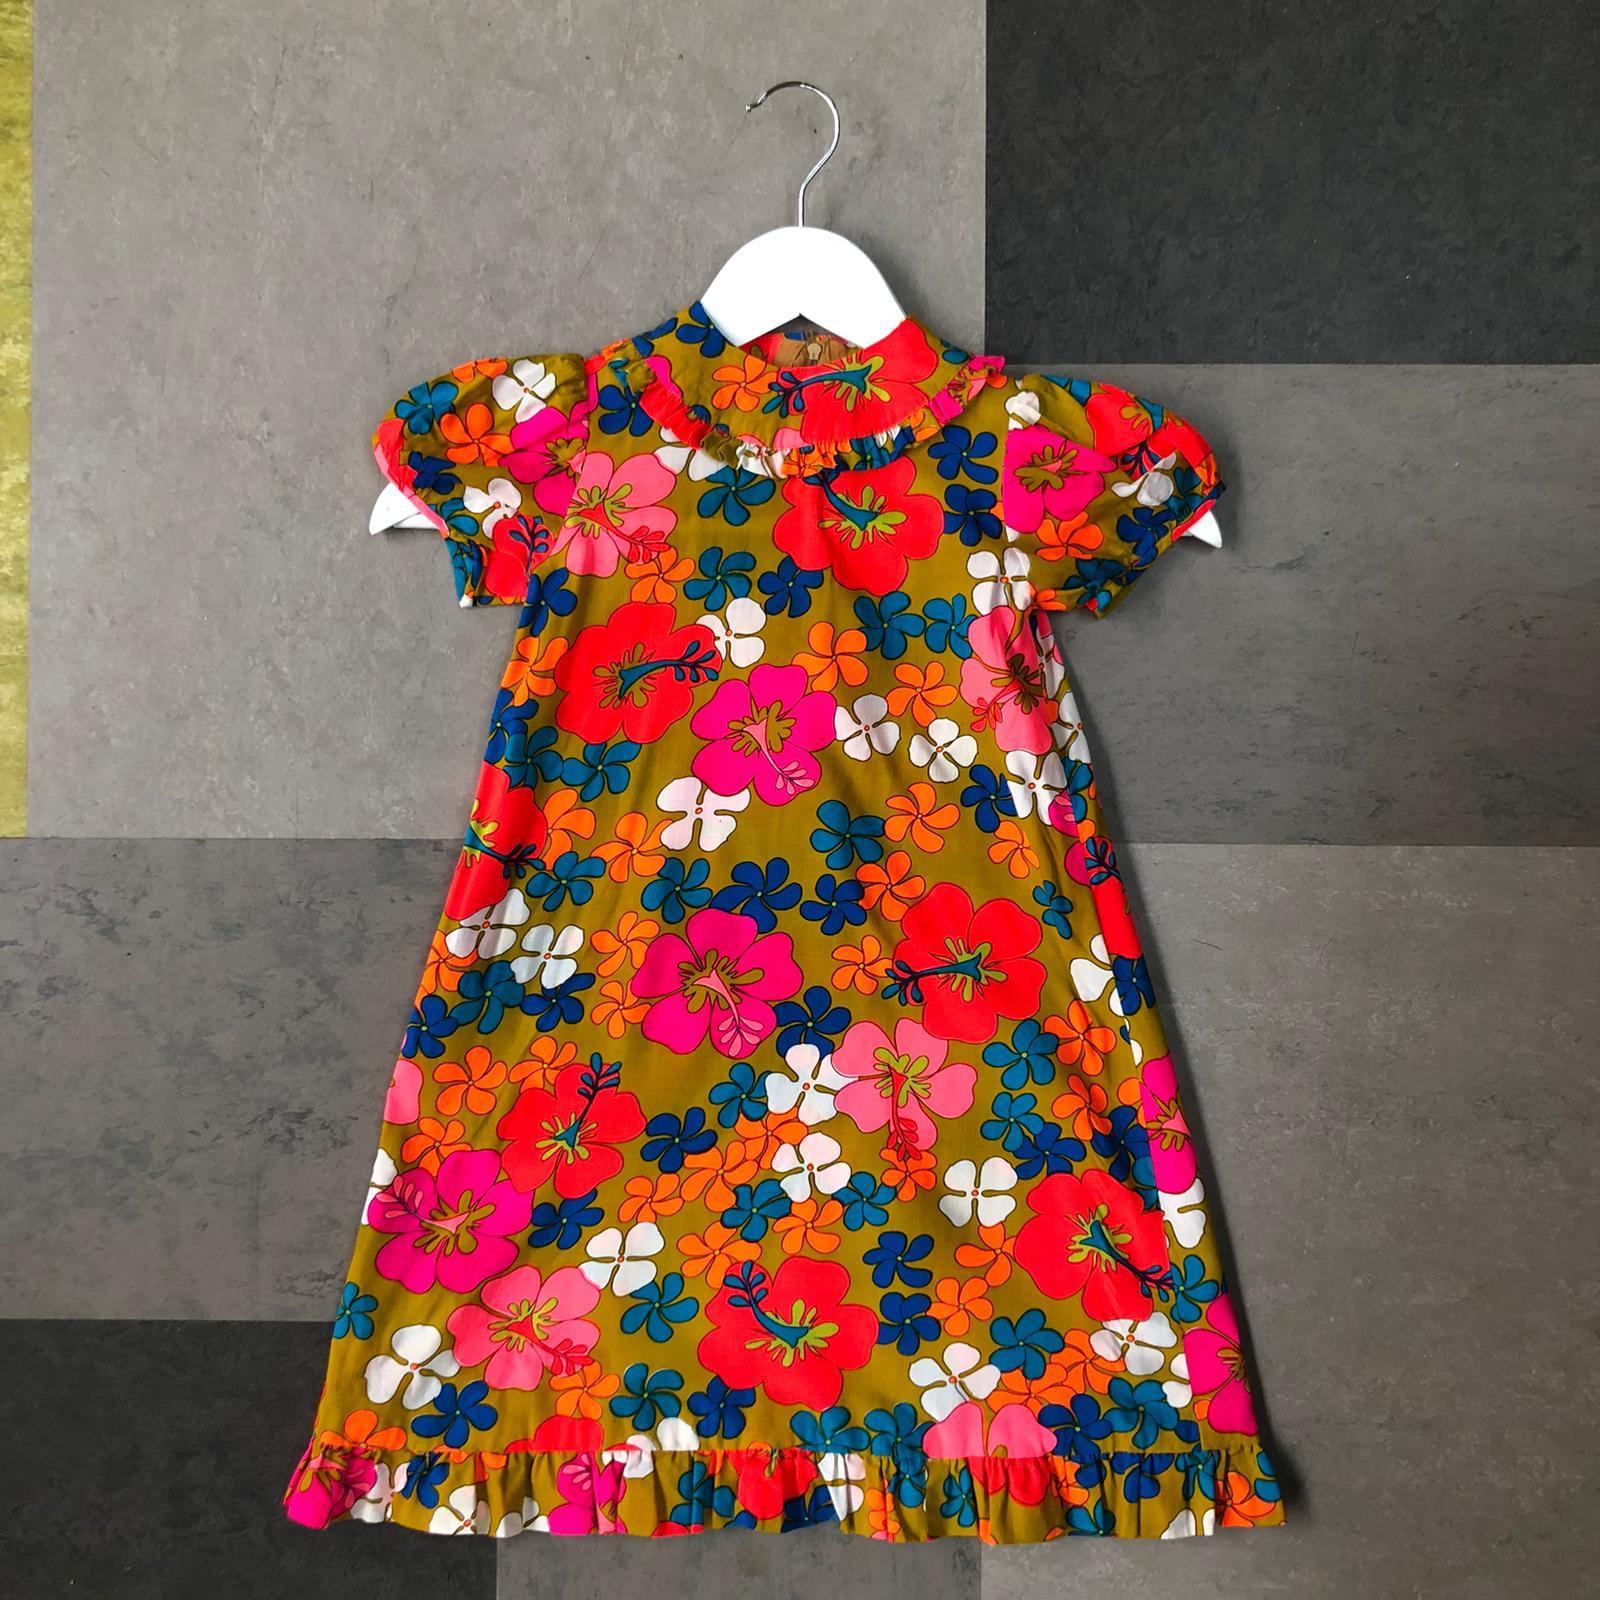 Vintage floral kids dress- age 2-3